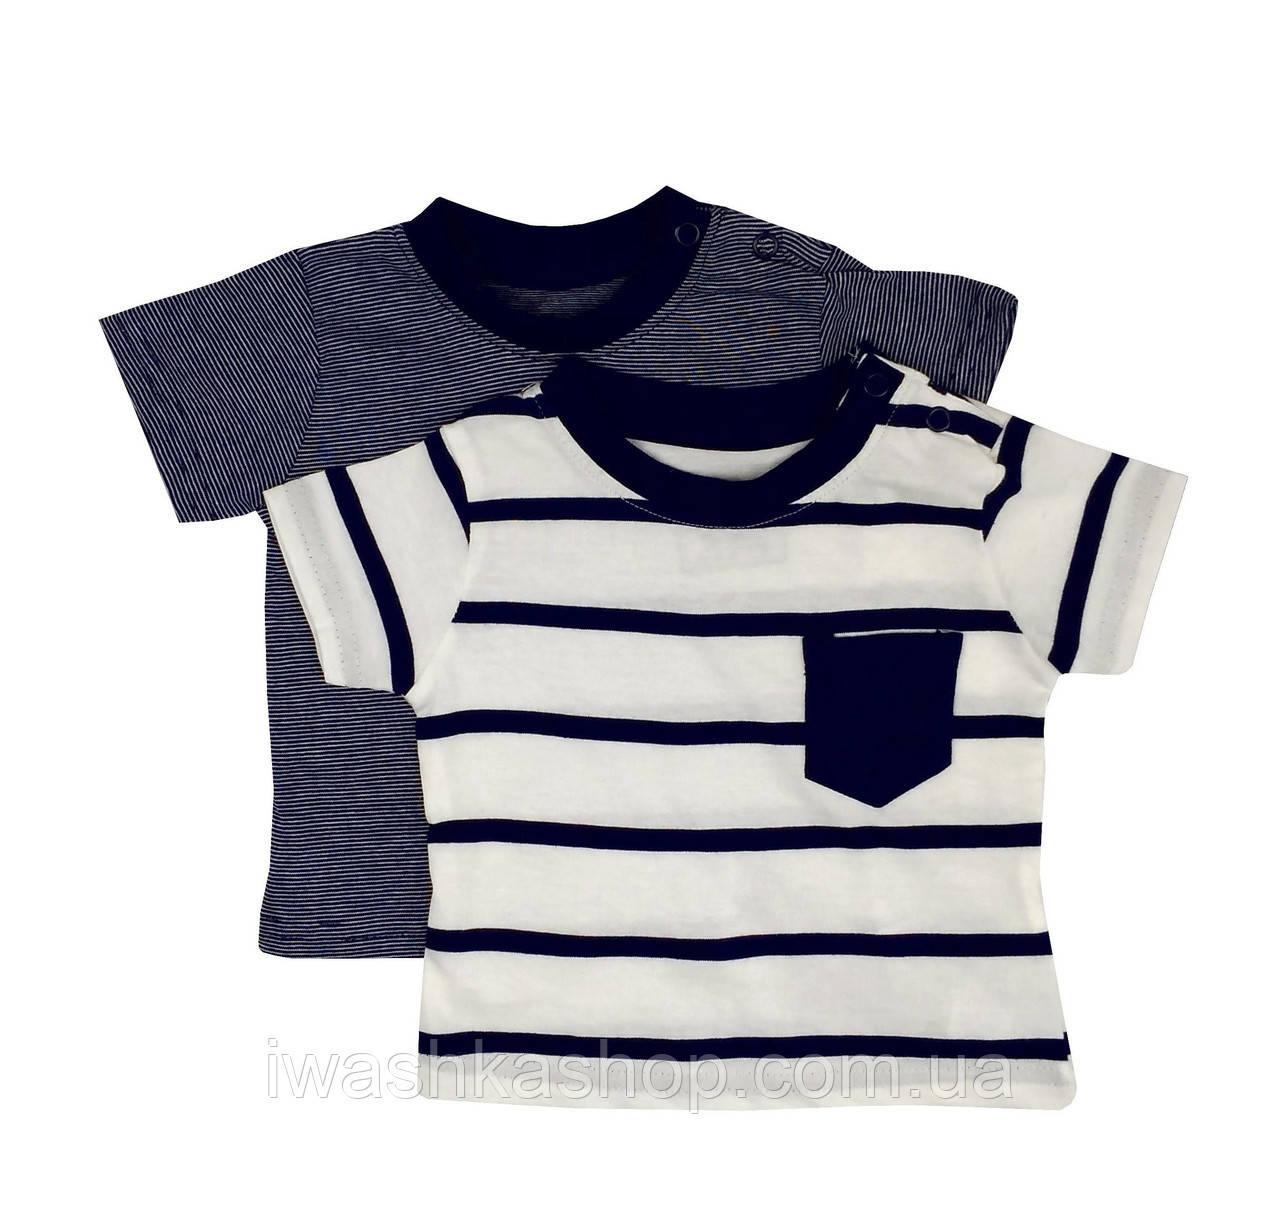 Комплект стильний смугастих футболок на хлопчика 3 - 6 місяців, р. 68, Early Days by Primark